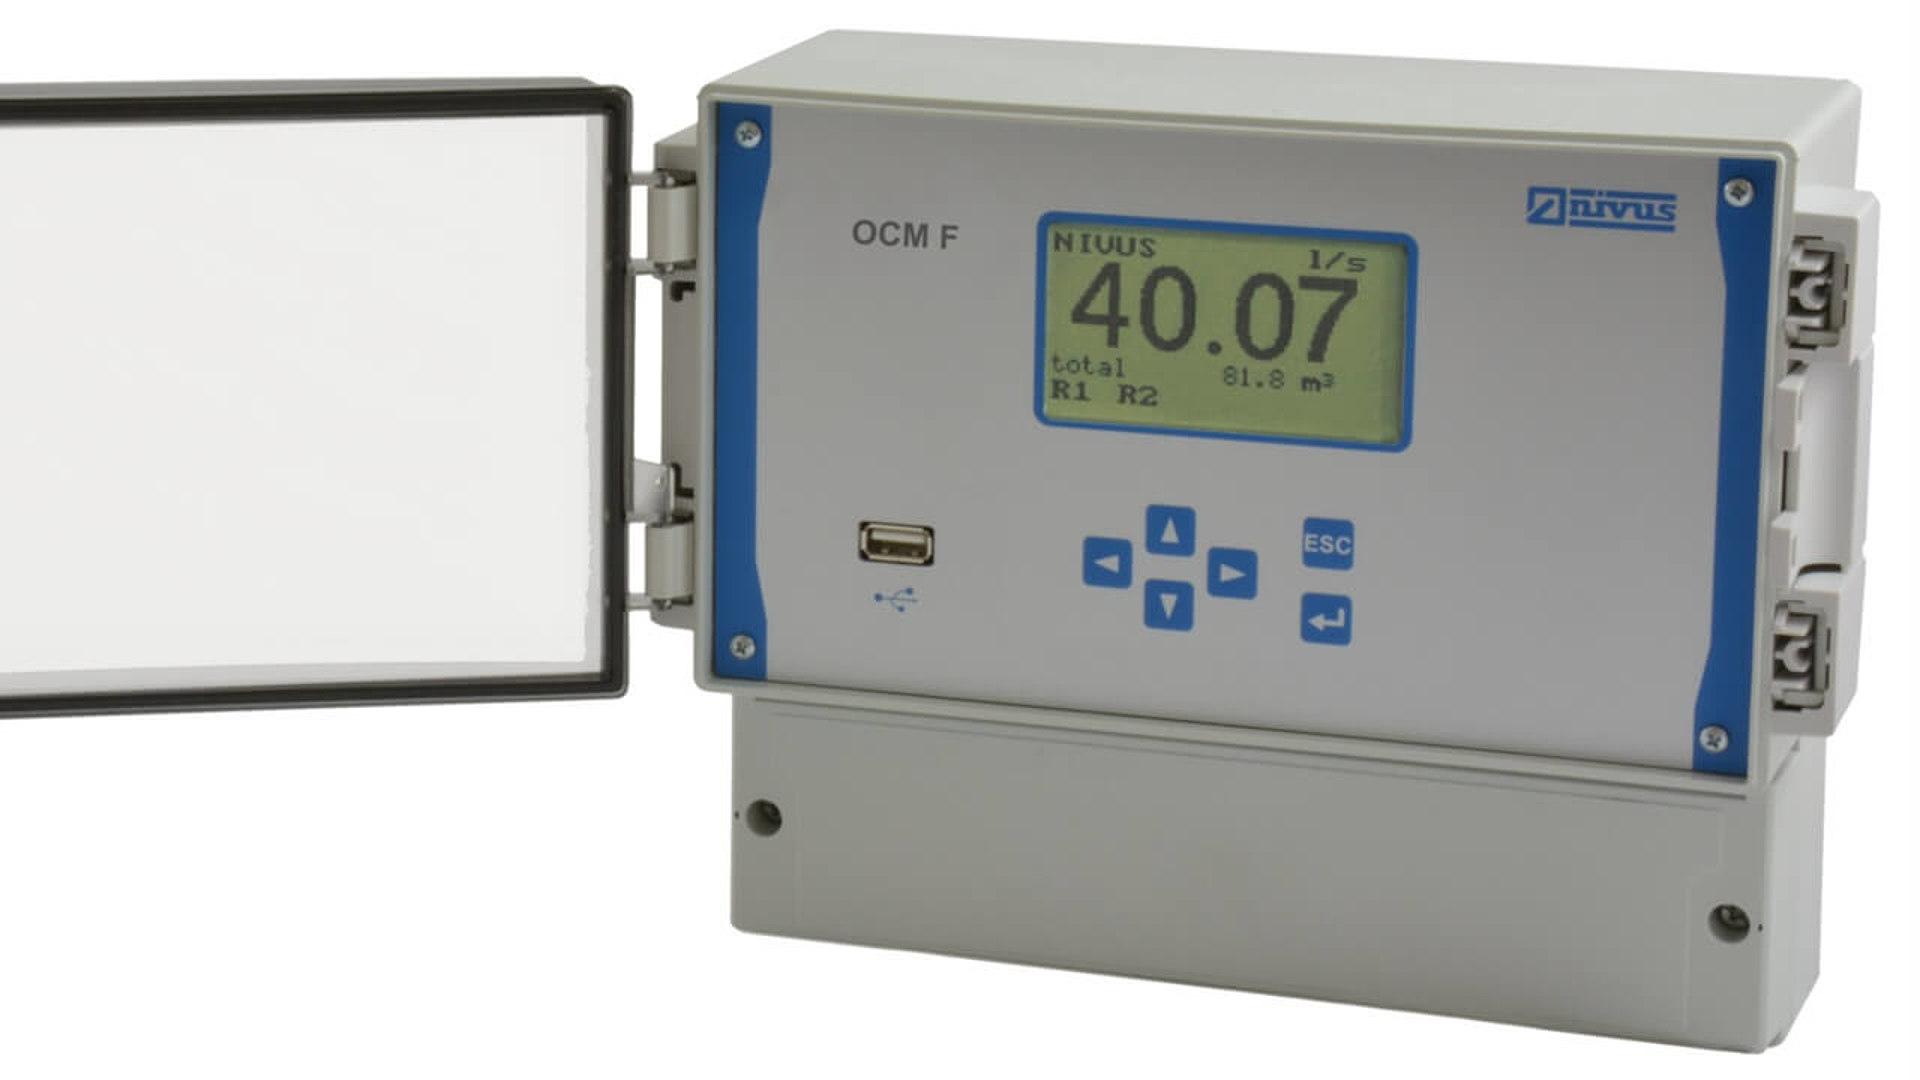 Ултразвуков разходомер за безнапорни течения OCM F Image